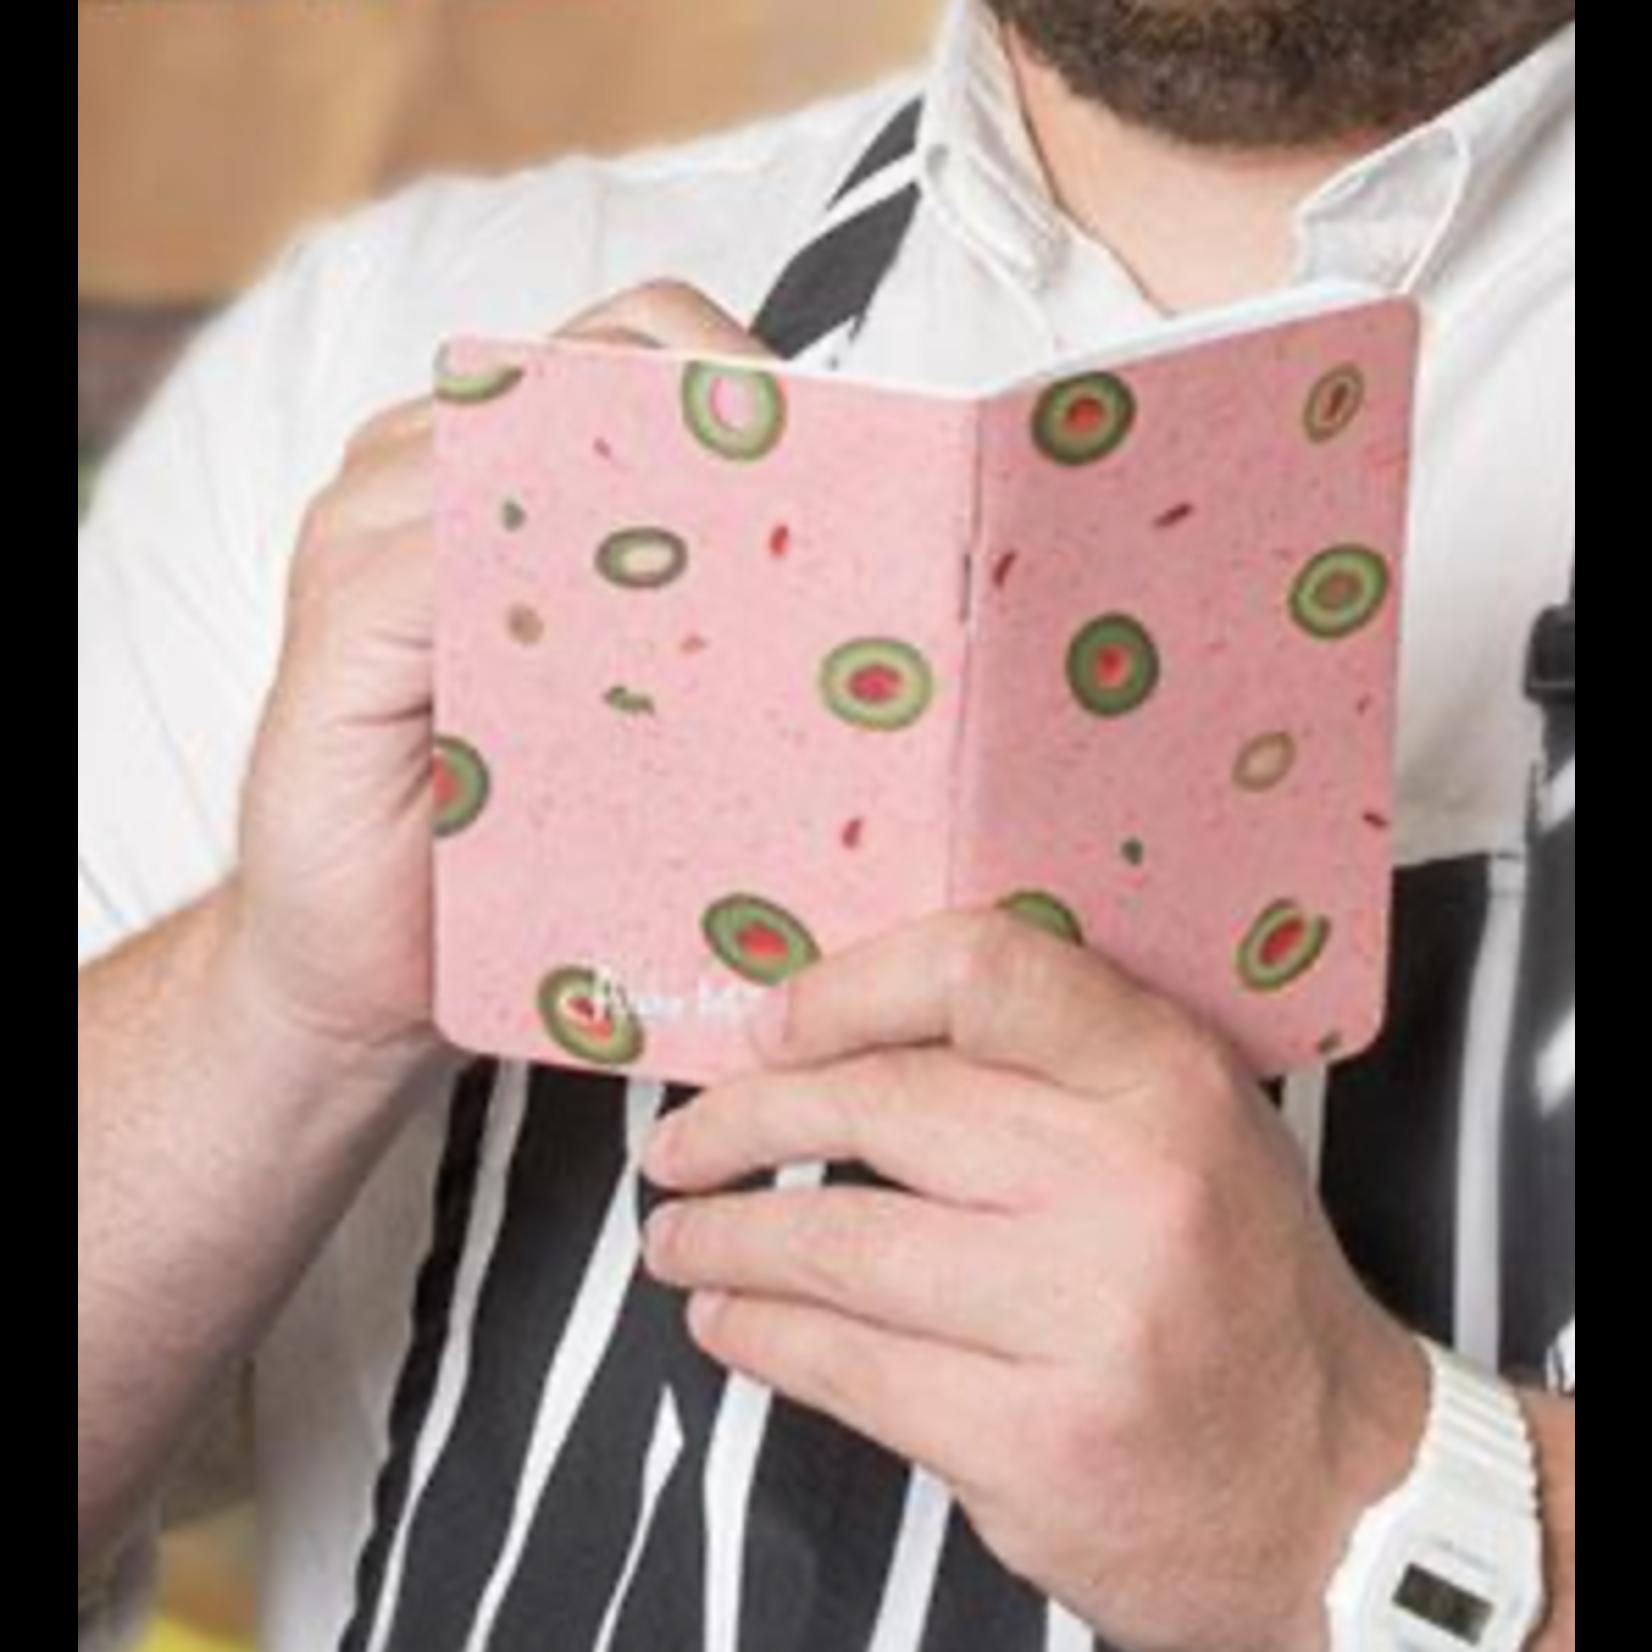 Notebook - Olive Loaf